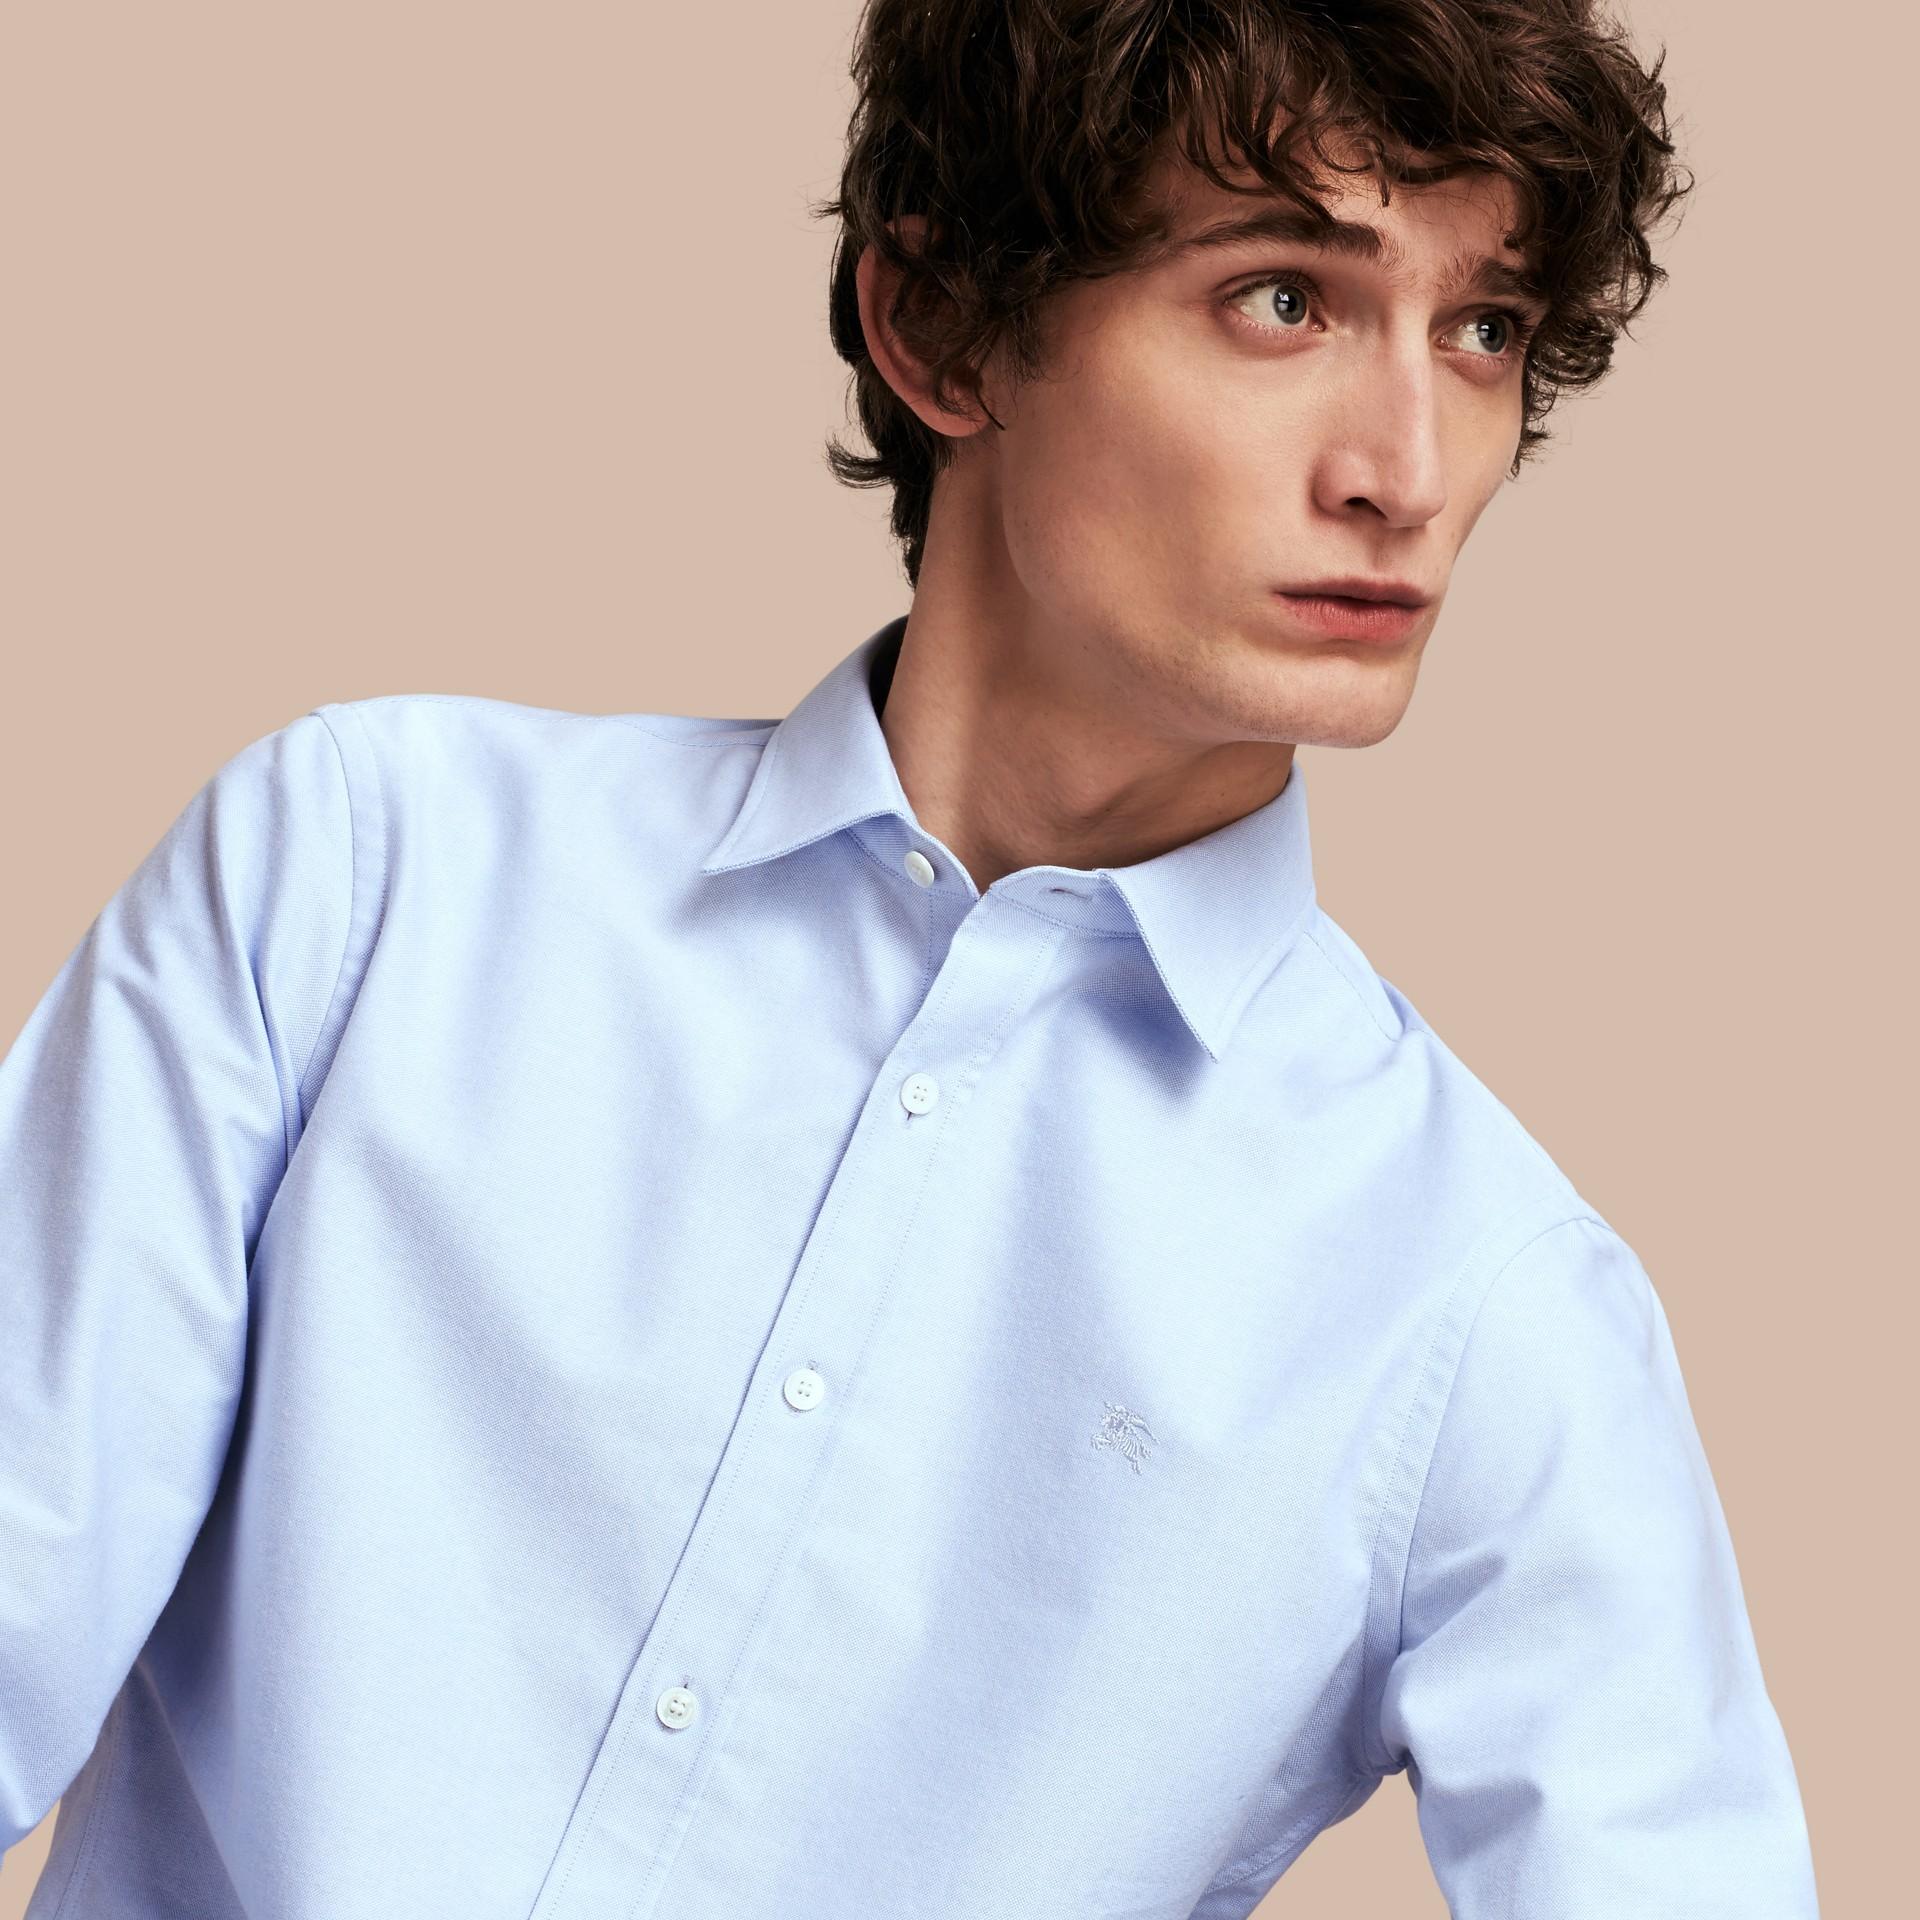 Oxford Cotton Shirt with Regimental Cuff Detail Cornflower Blue - gallery image 5